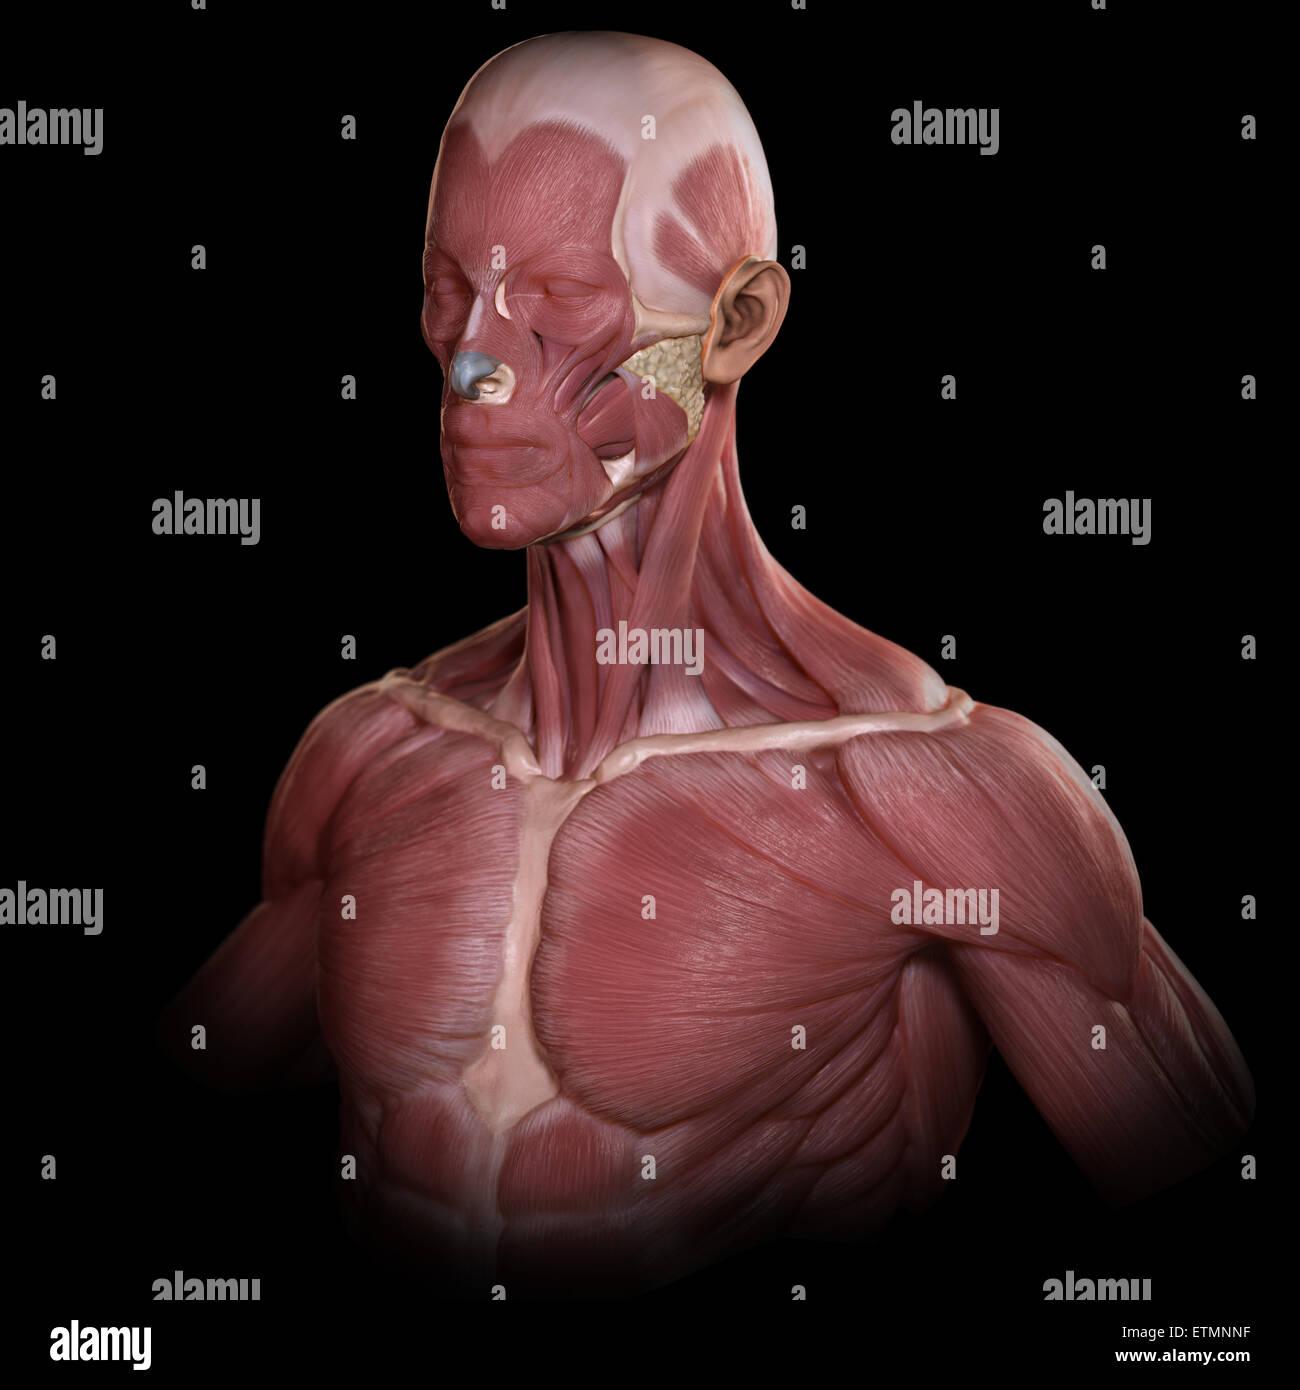 Konzeptbild der Muskeln des Gesichts und des oberen Körpers. Stockbild